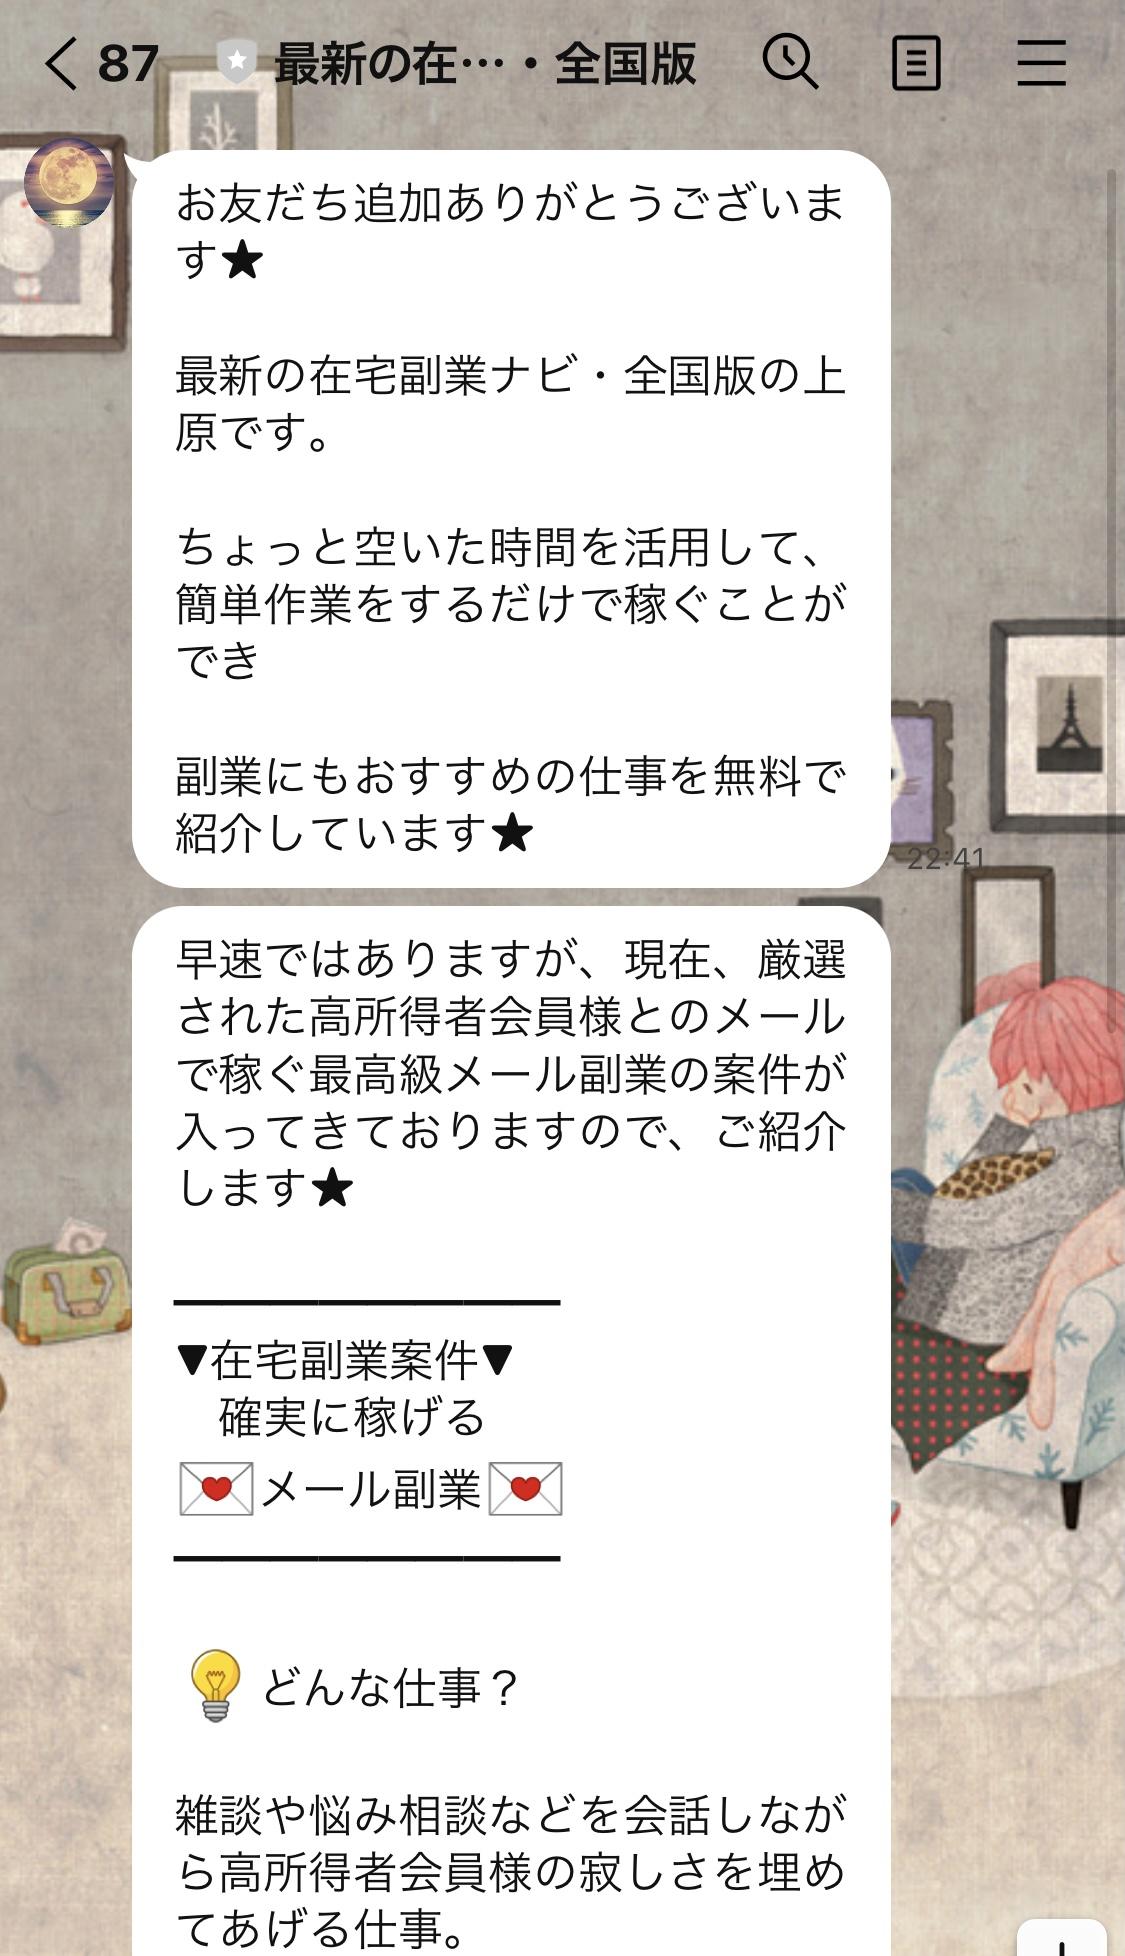 副収入ちゃんねるLINEメッセージ2